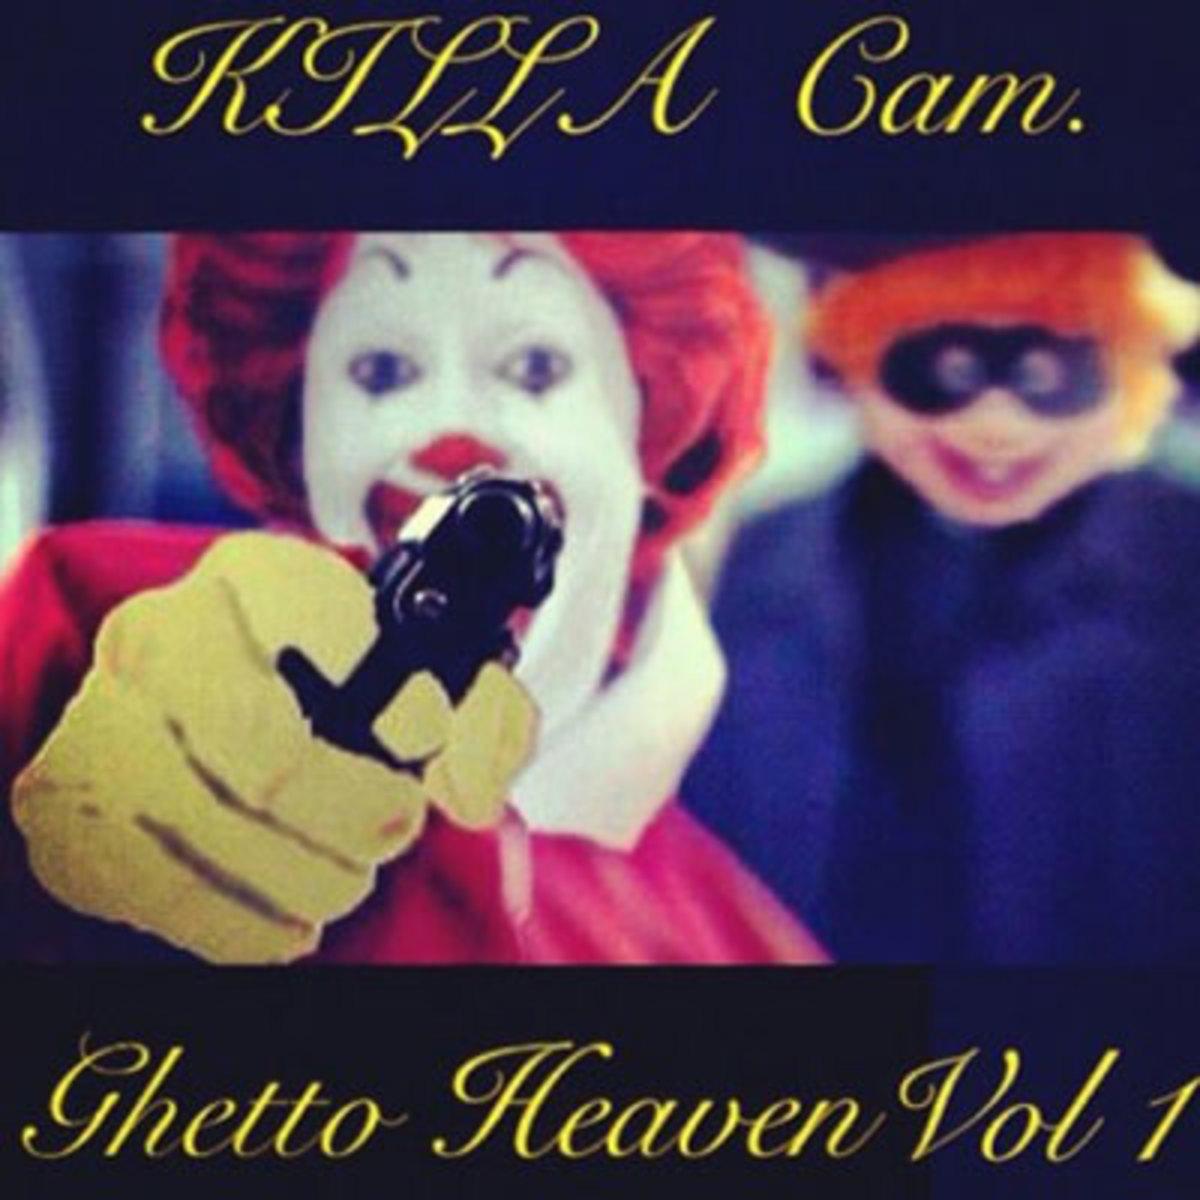 cam-ghettoheavenv1.jpg